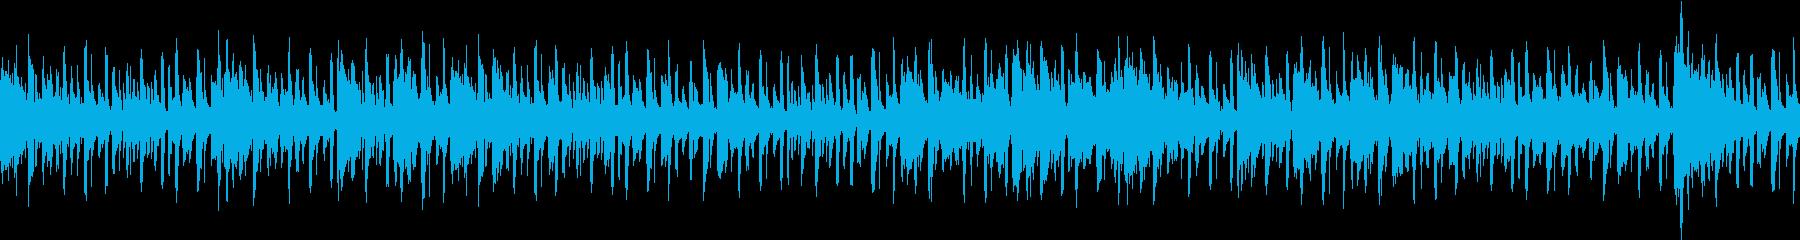 自動車のCM風な重厚なビートポップ30秒の再生済みの波形